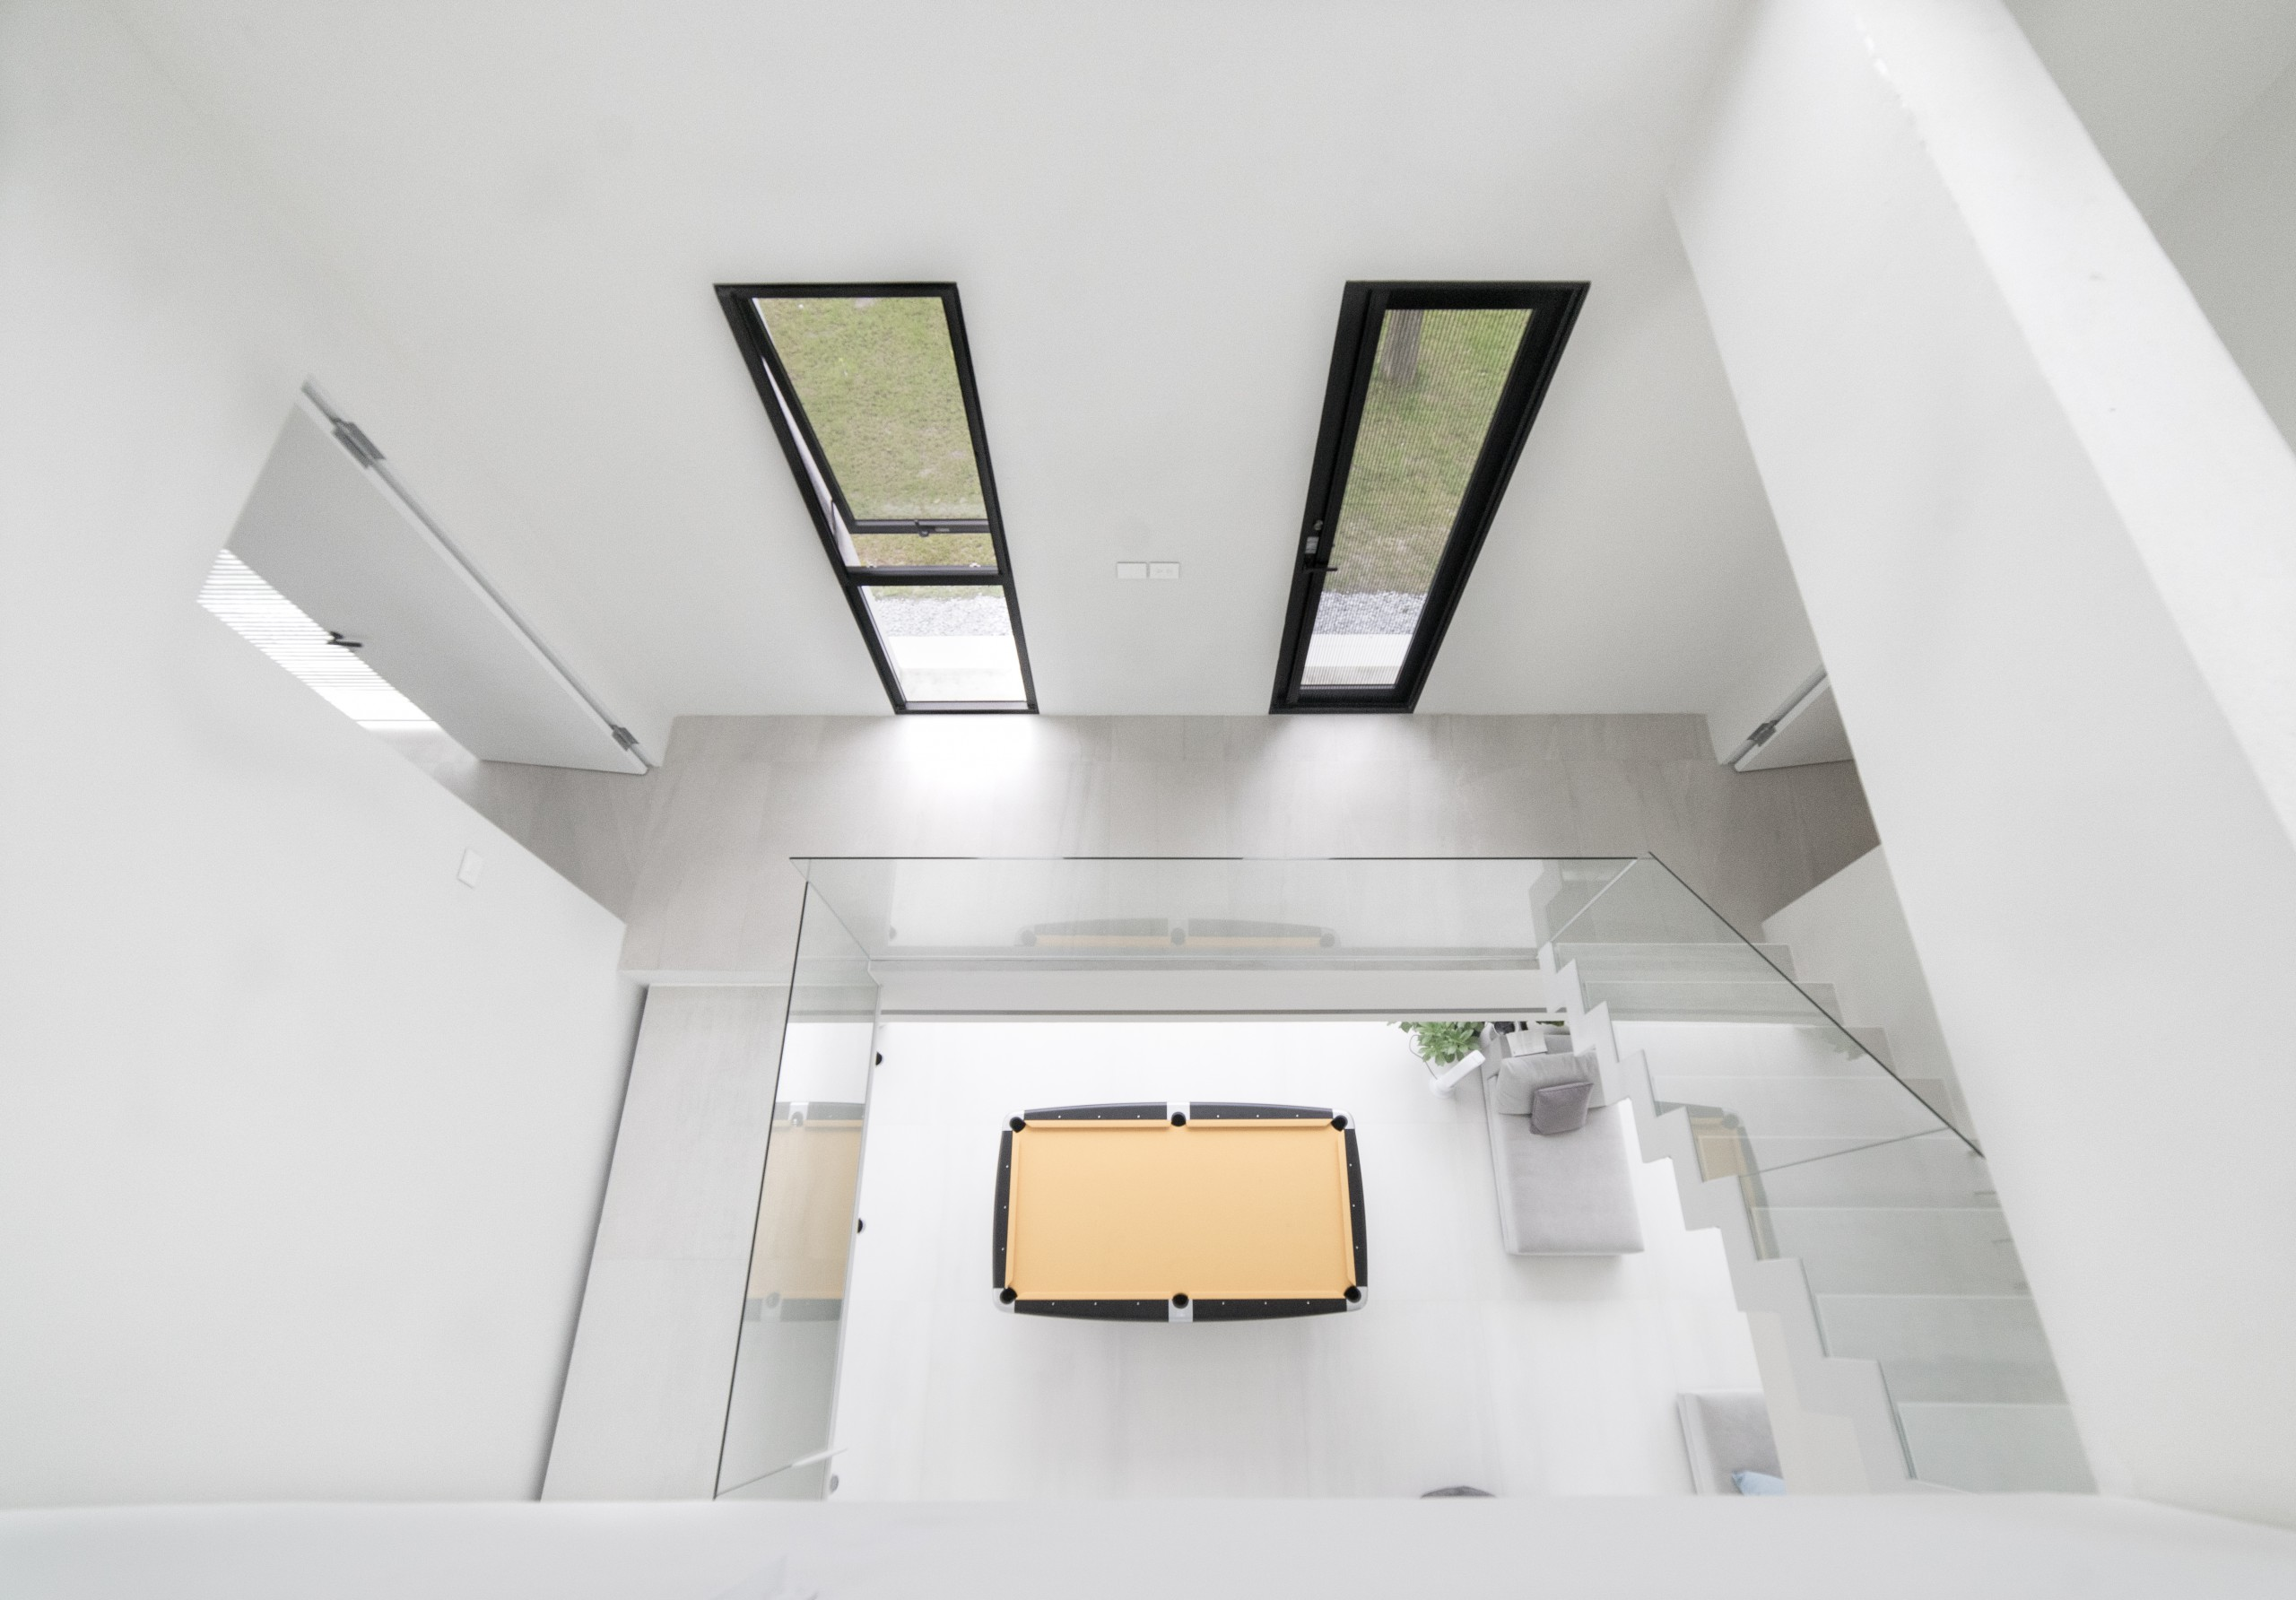 ©三層挑高的樓梯搭配一樓中央的大撞球桌,為空間添增愉悅的氛圍